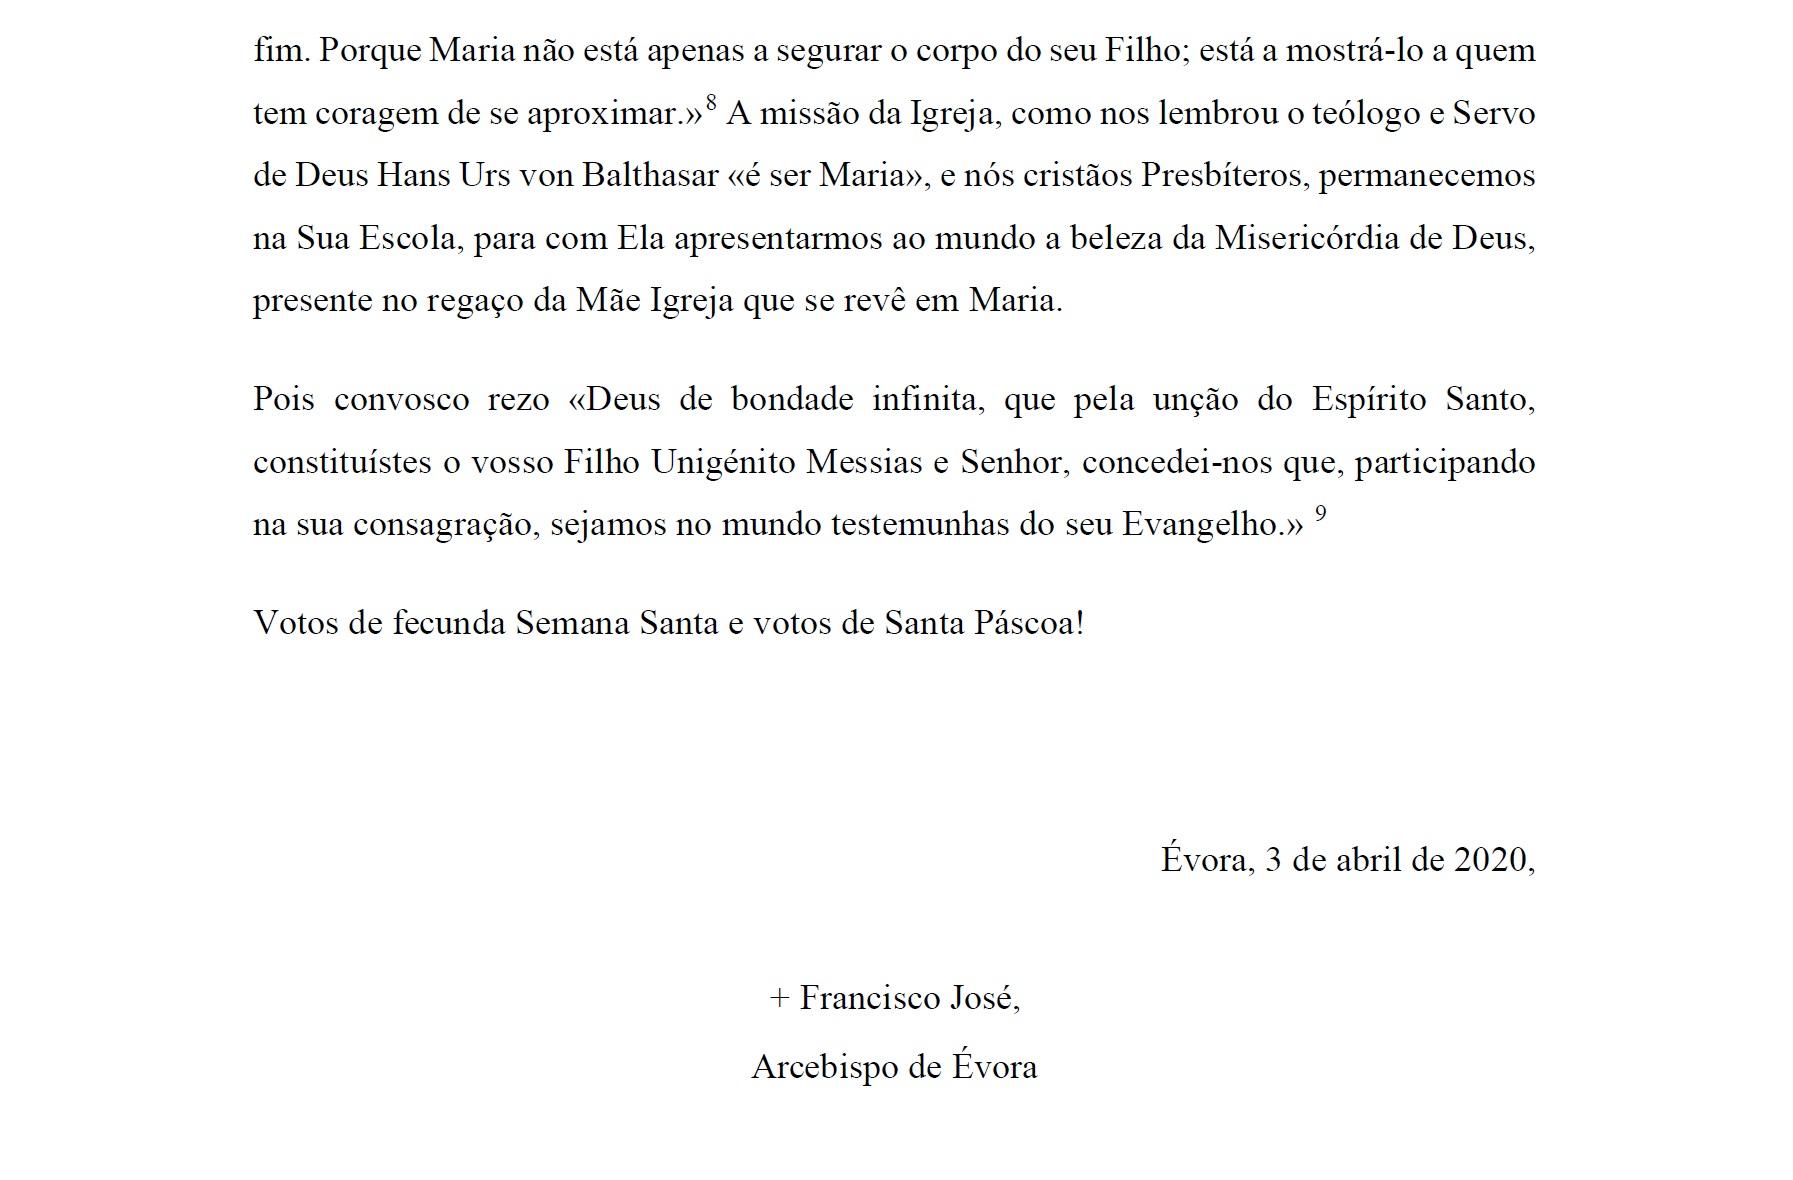 2 - Carta ao Presbitério de Évora 03_04_2020_9